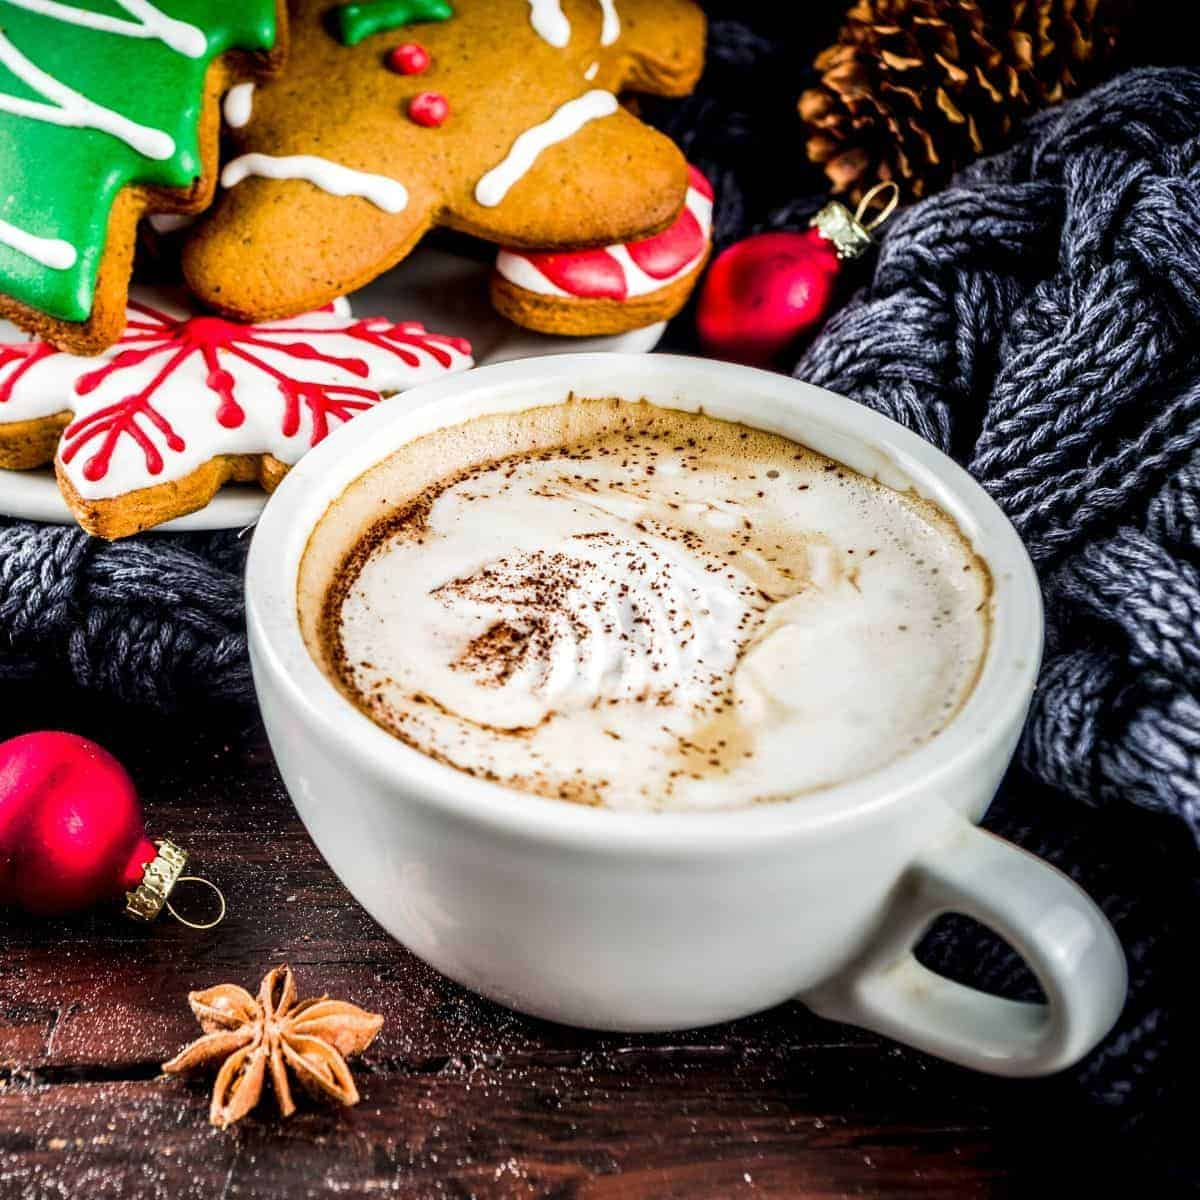 Starbucks Gingerbread Latte (Copycat